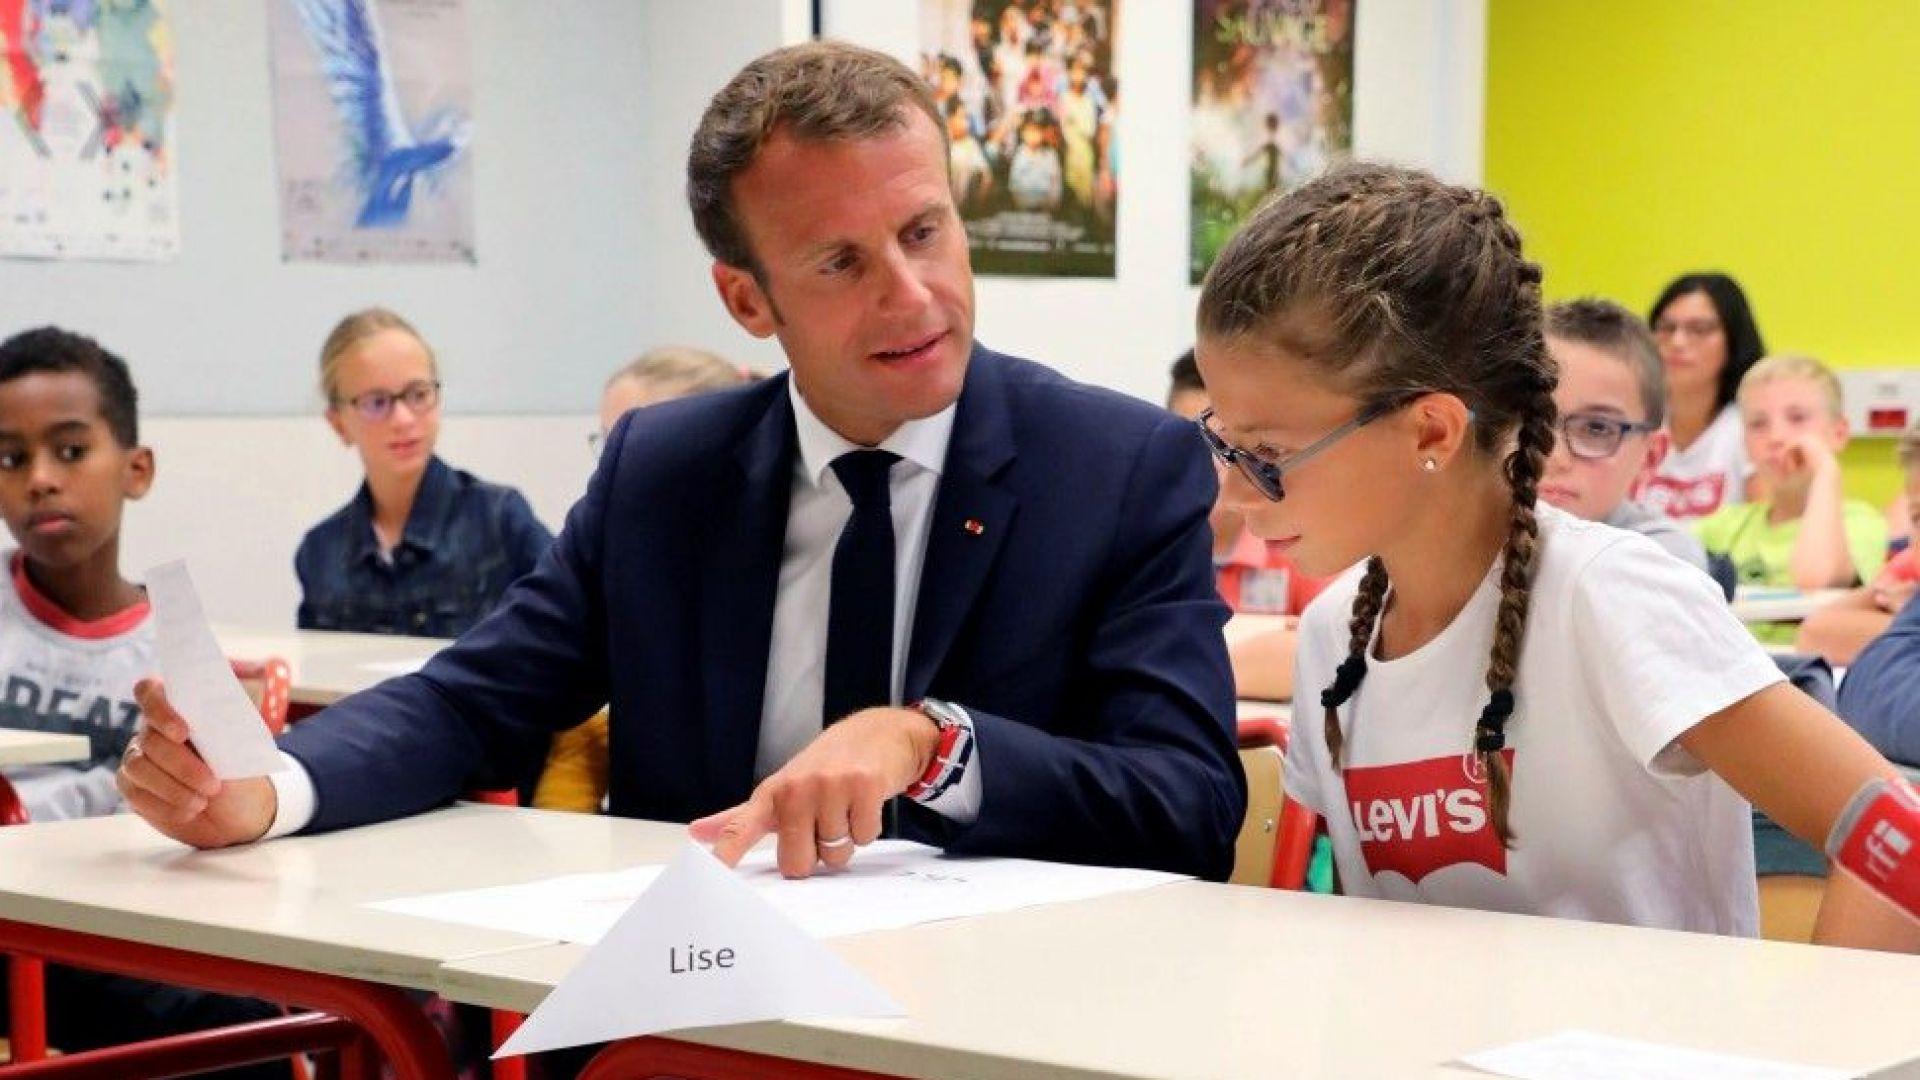 Макрон на откриването на учебната година: Президент не е професия (снимки)